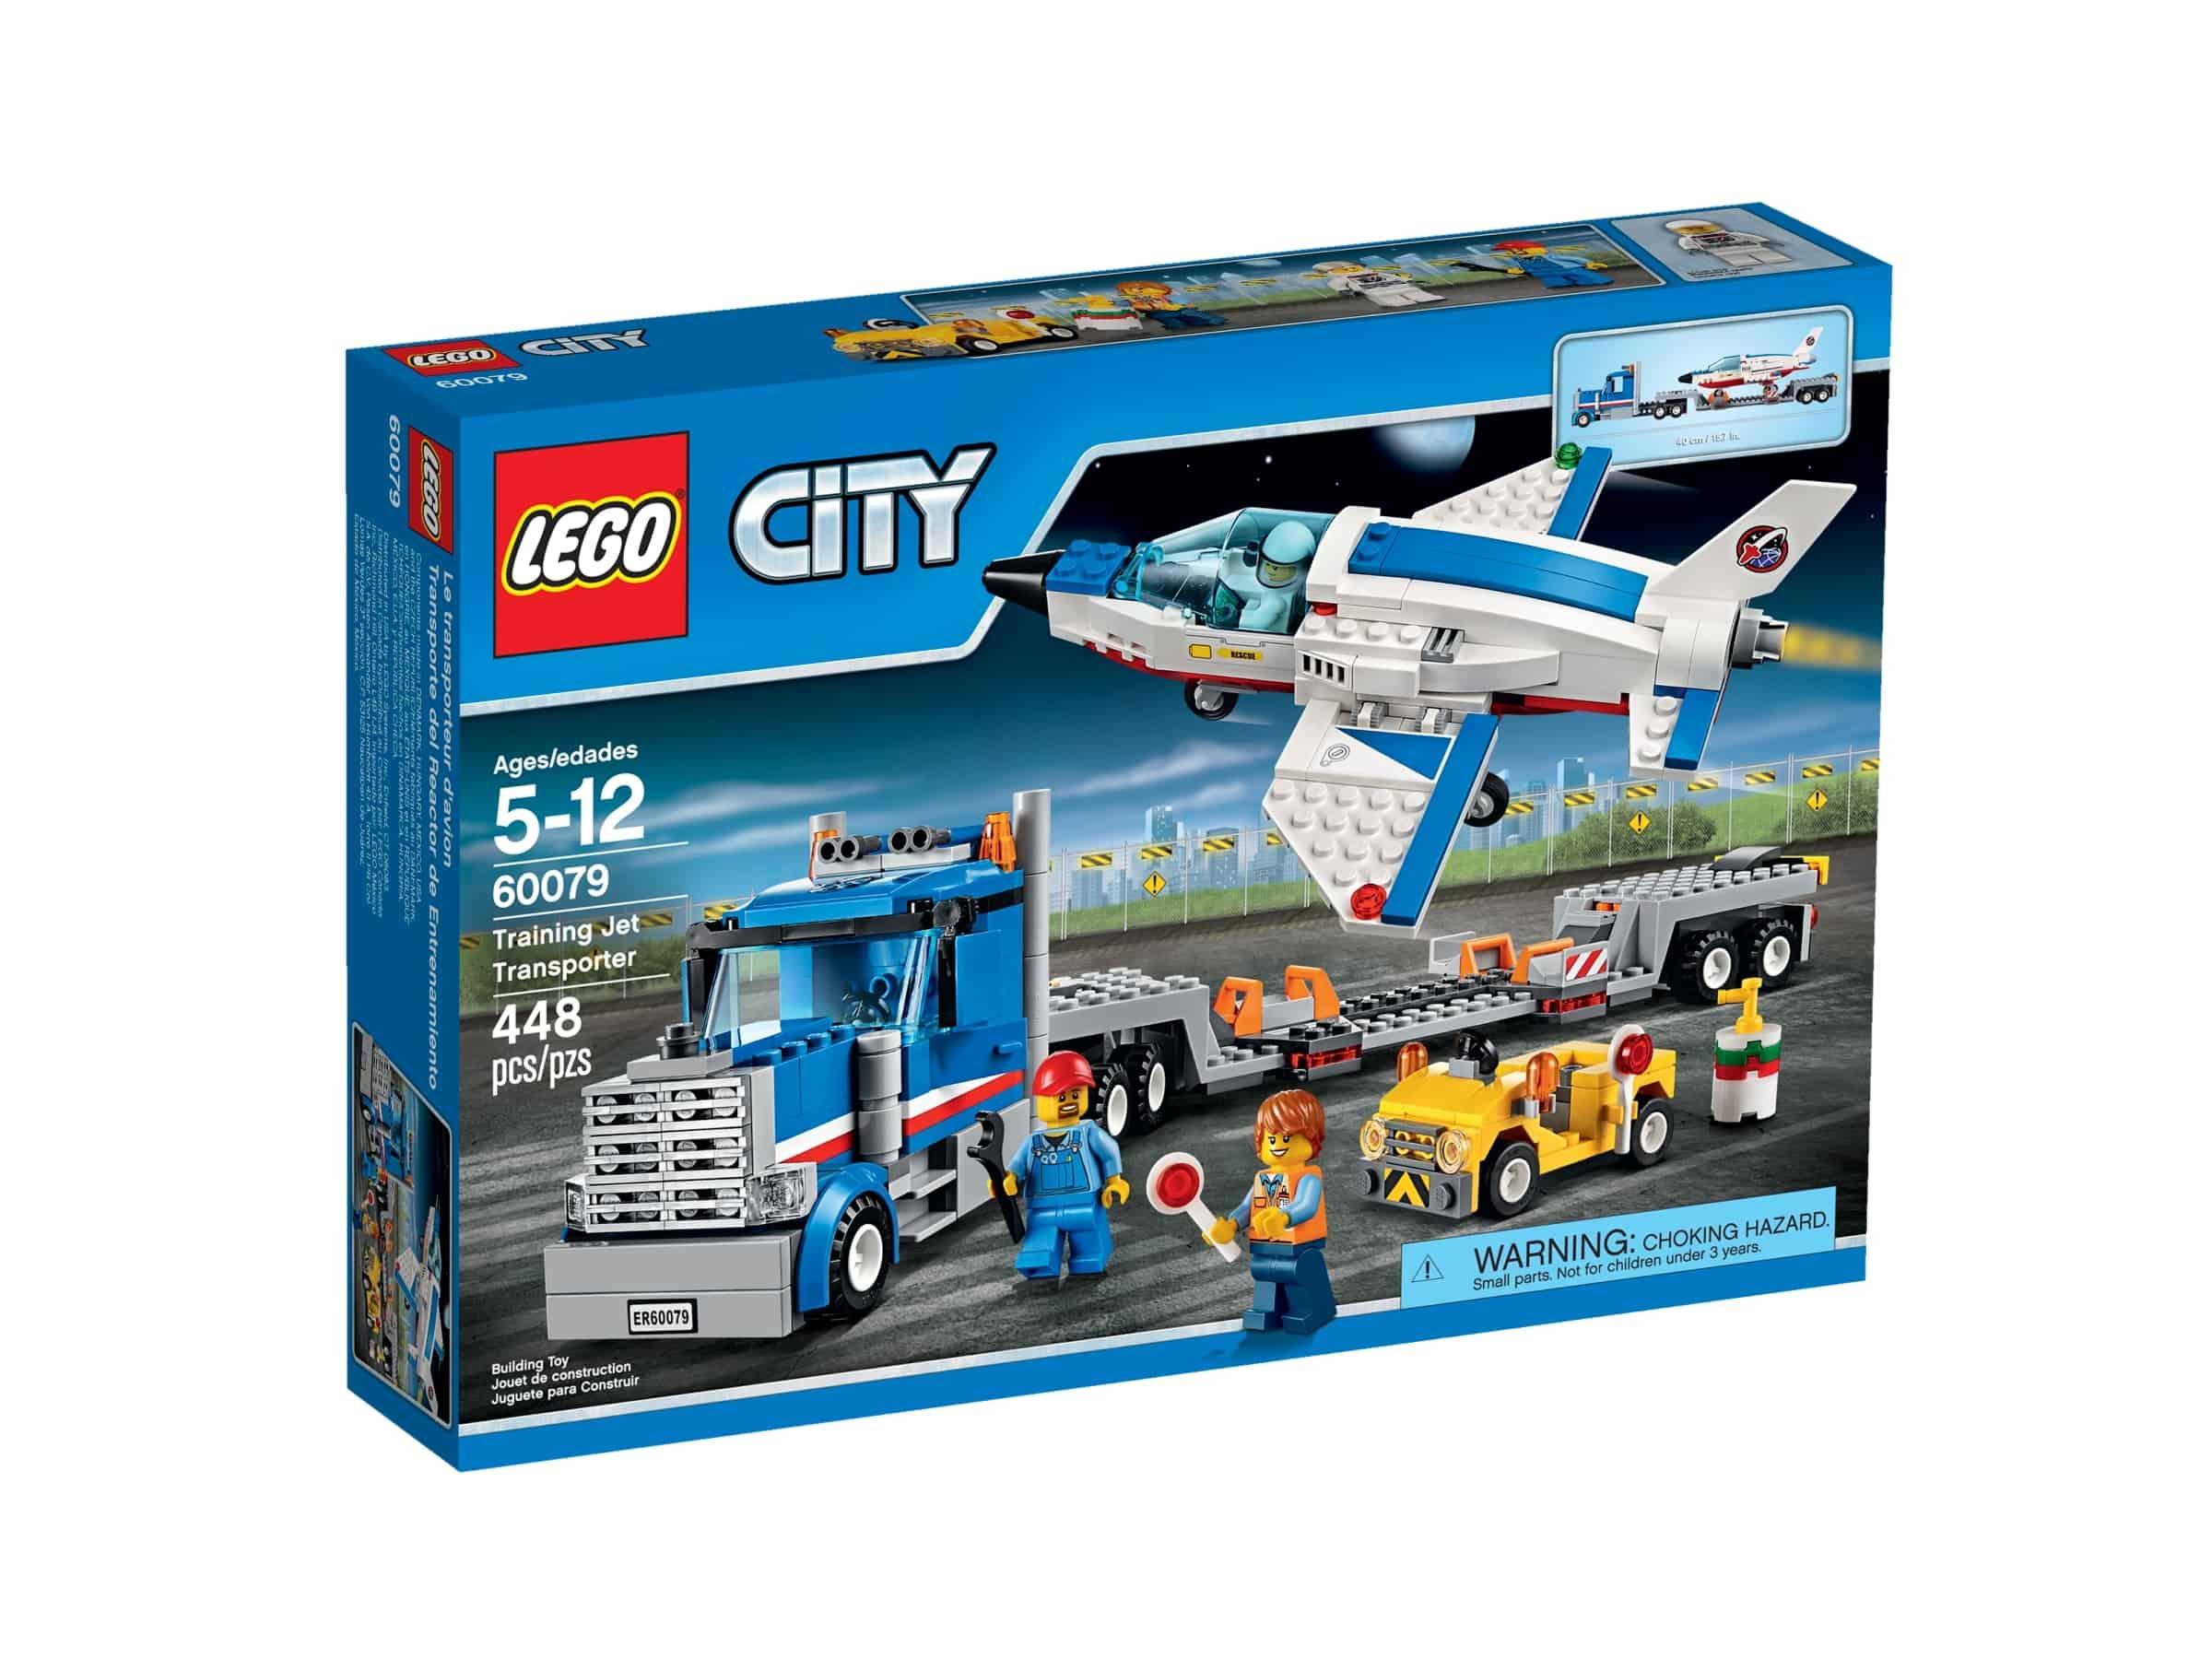 lego 60079 transporter med treningsjet